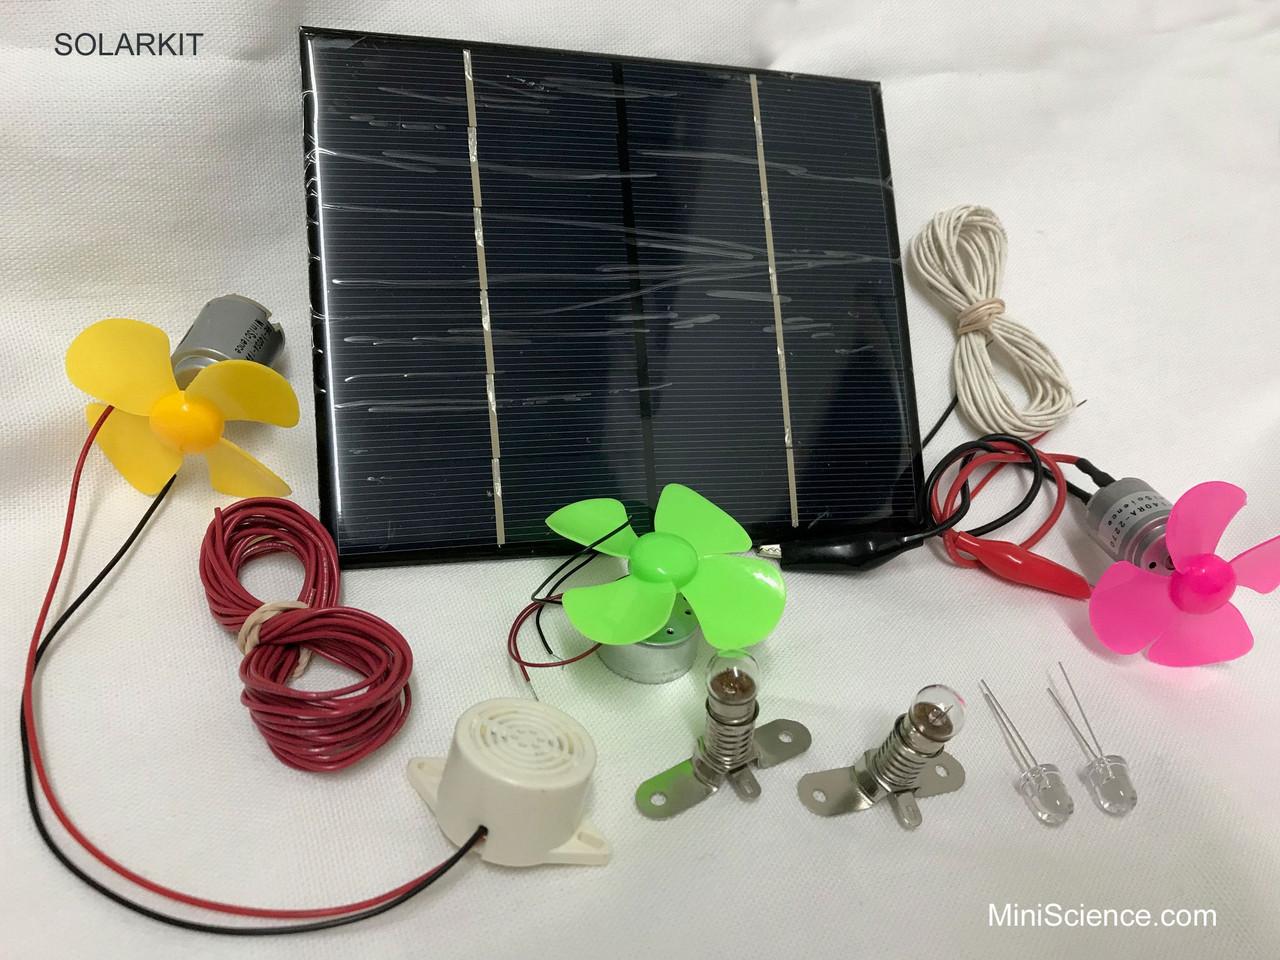 Solar Science Kit